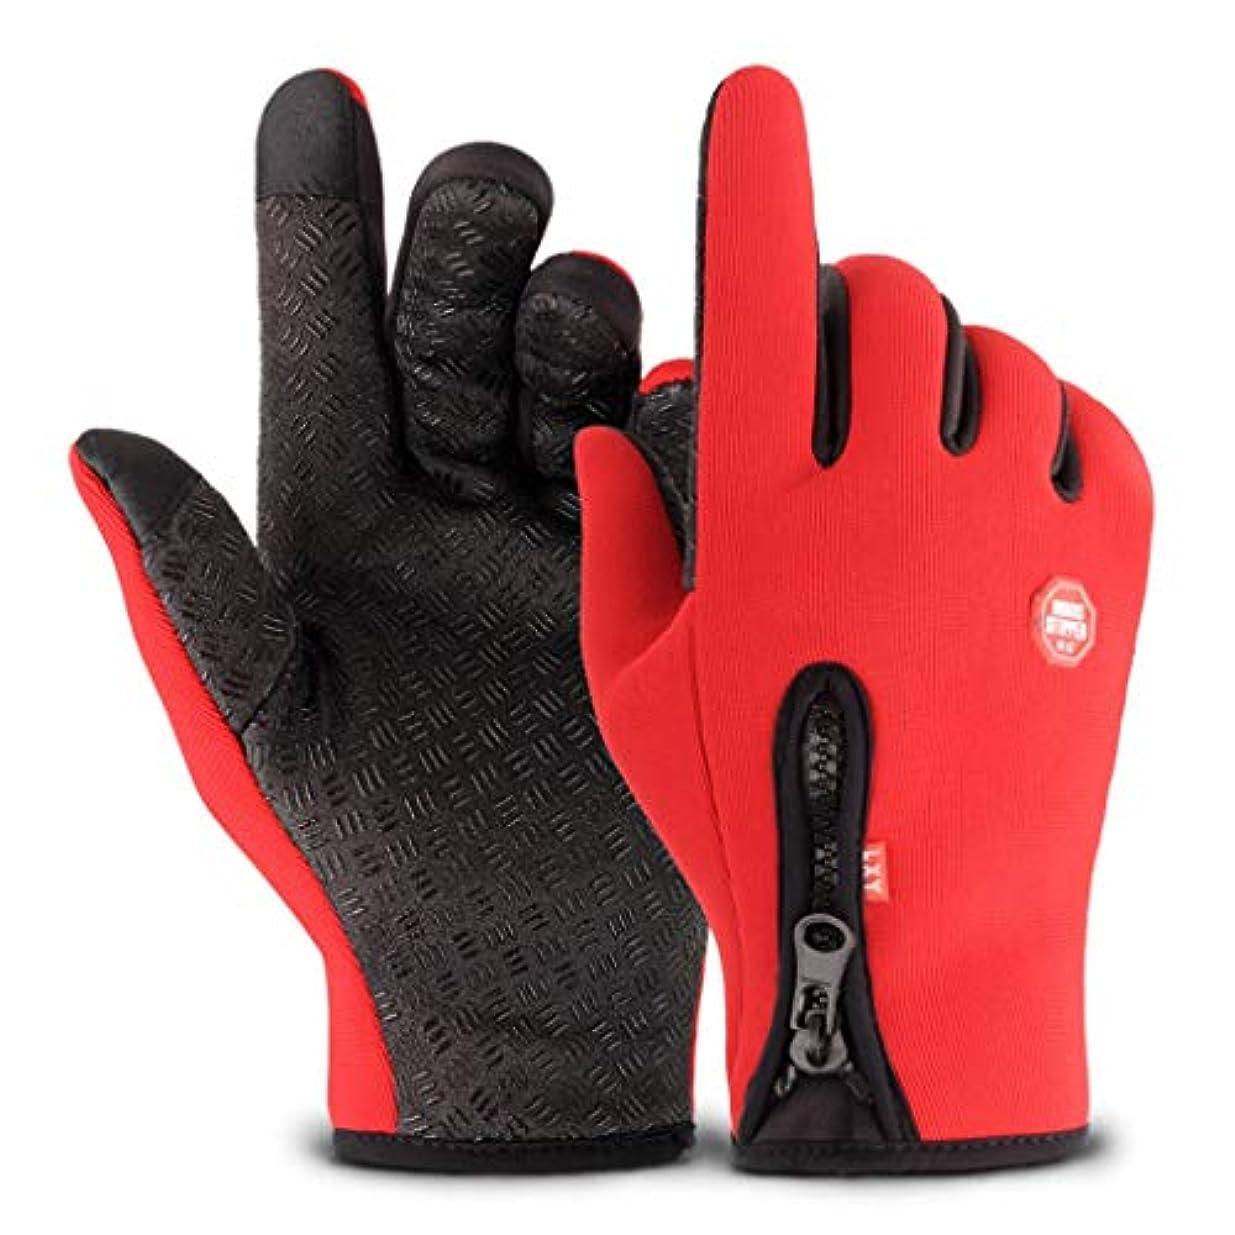 セーブペース祈り手袋の男性の秋と冬の自転車電動バイクの女性のタッチスクリーンは、すべてwindproofノンスリップ暖かいと冷たいプラスベルベット弾性手袋ワンサイズ赤